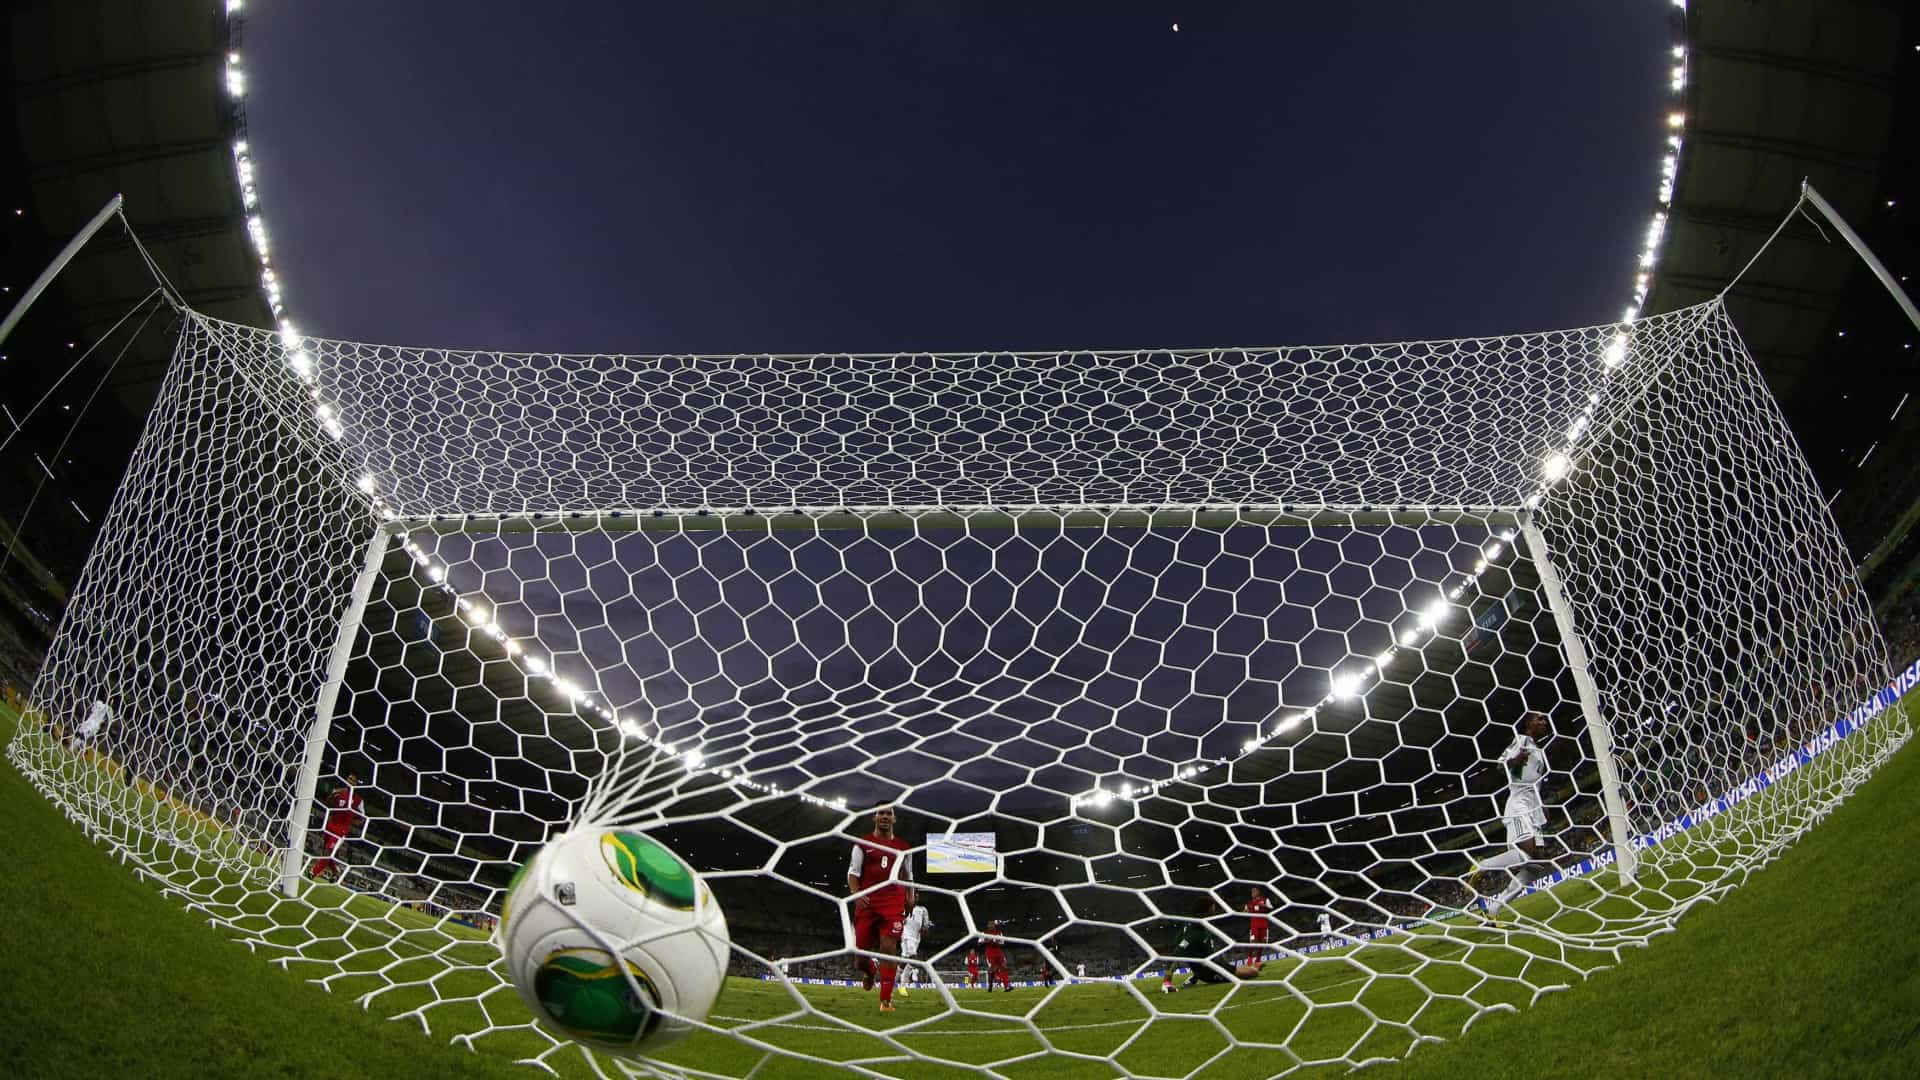 Recorde, domínio inglês e Brasil discreto marcam fim das transferências